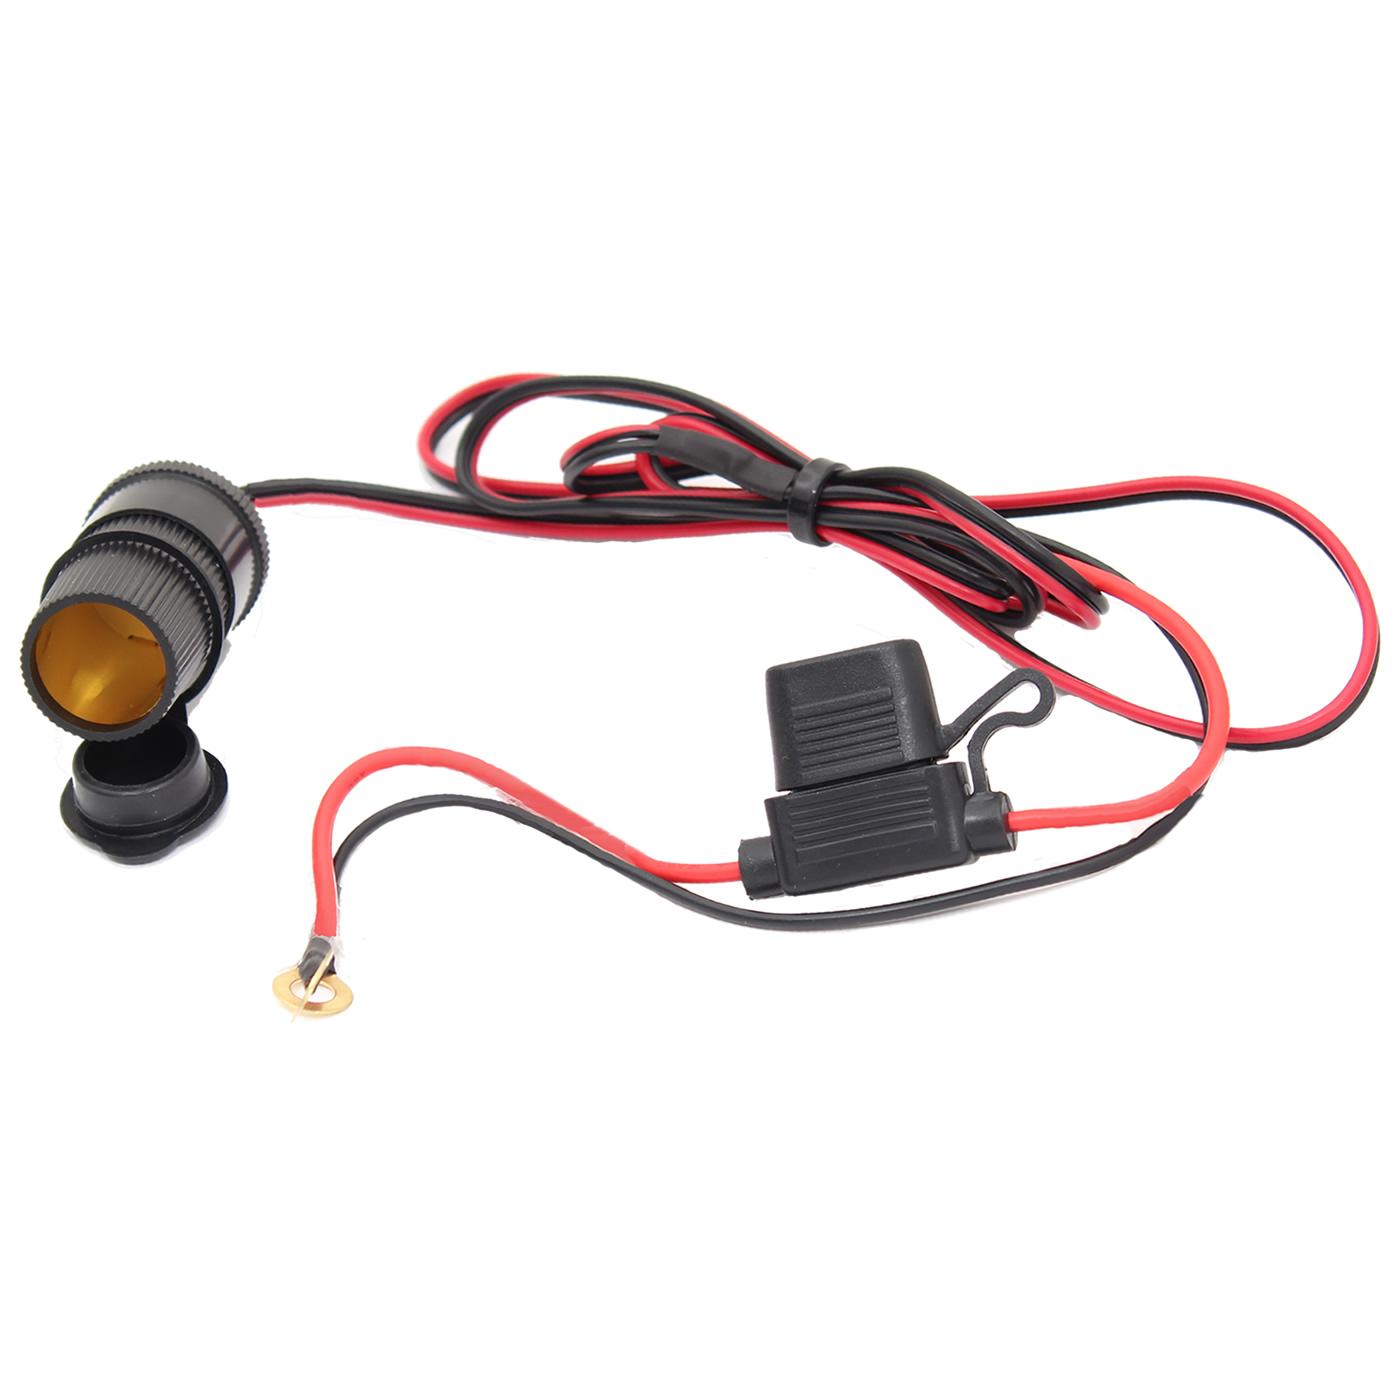 12V Cigarette Lighter Power Adapter